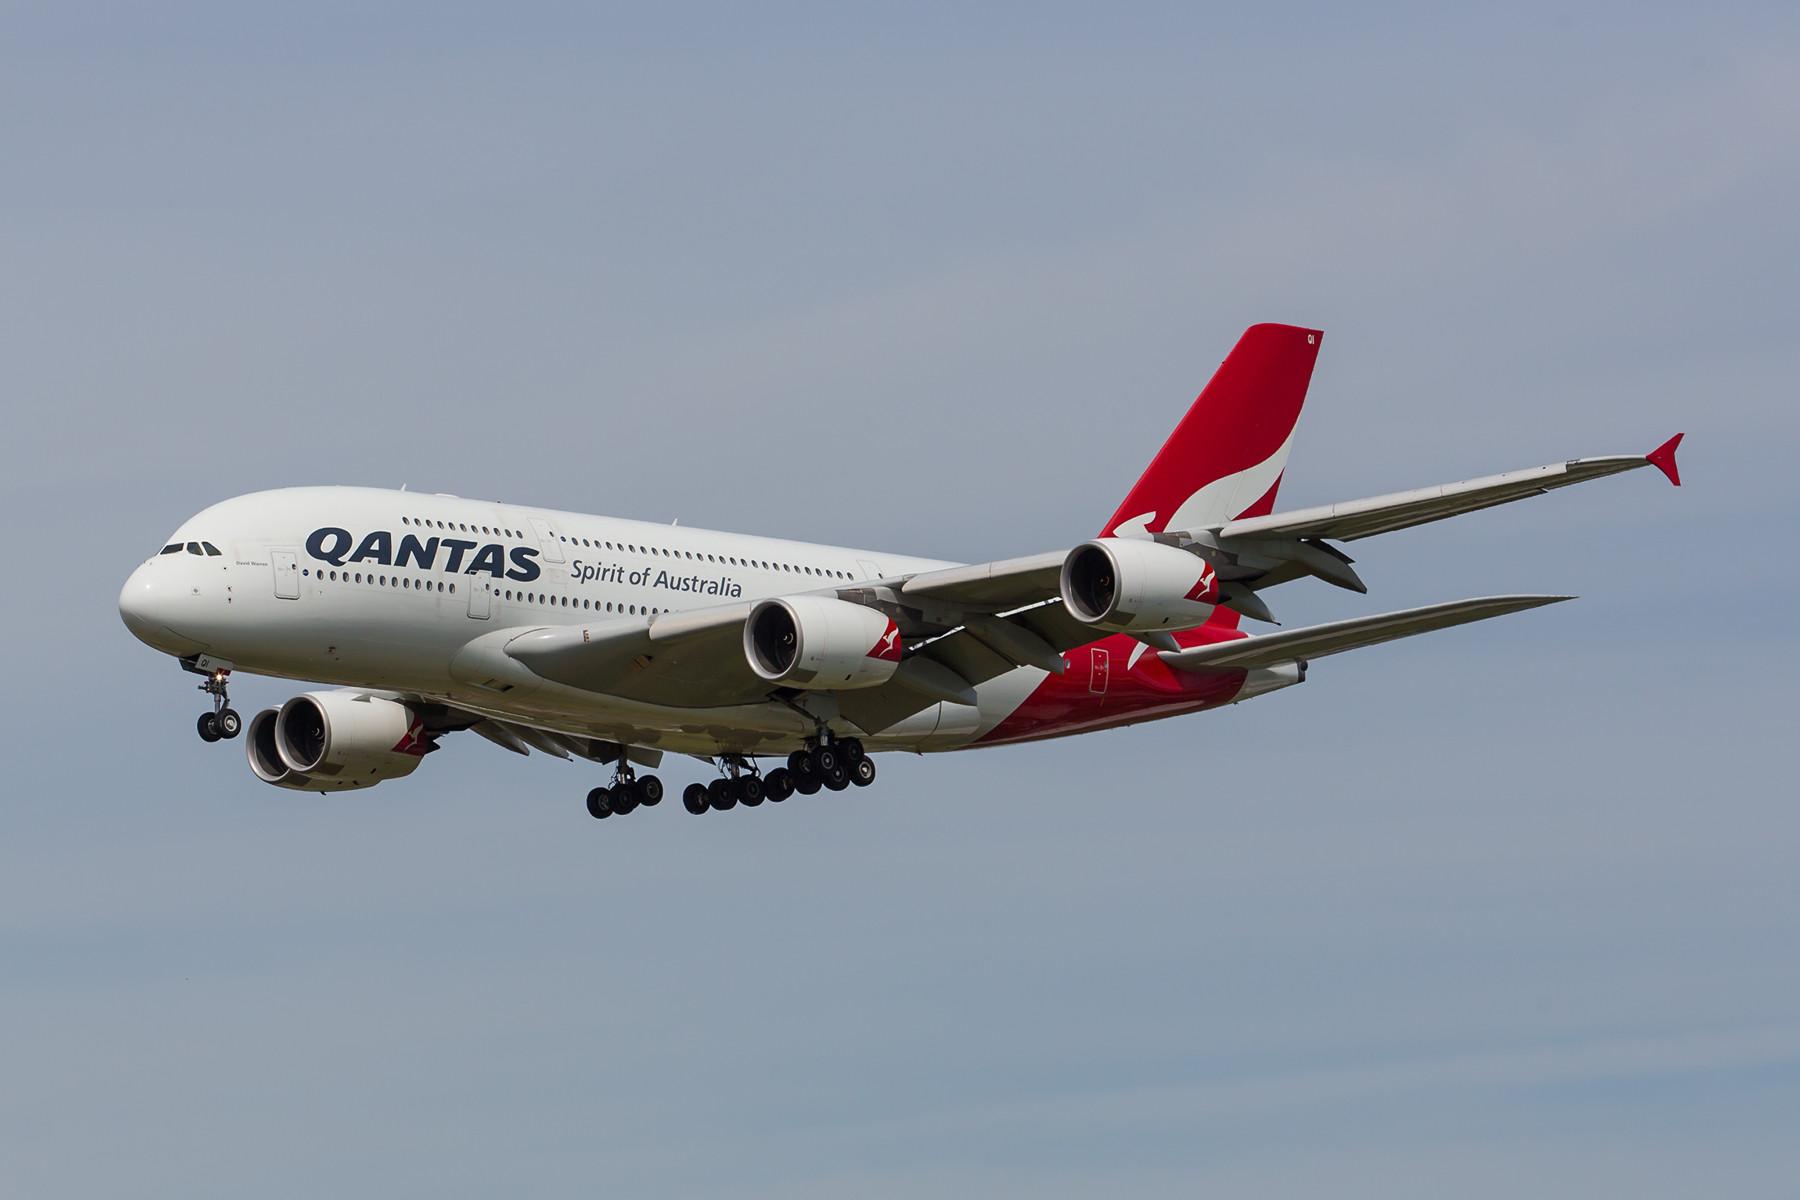 Die letzte Verbindung der Qantas nach Europa.